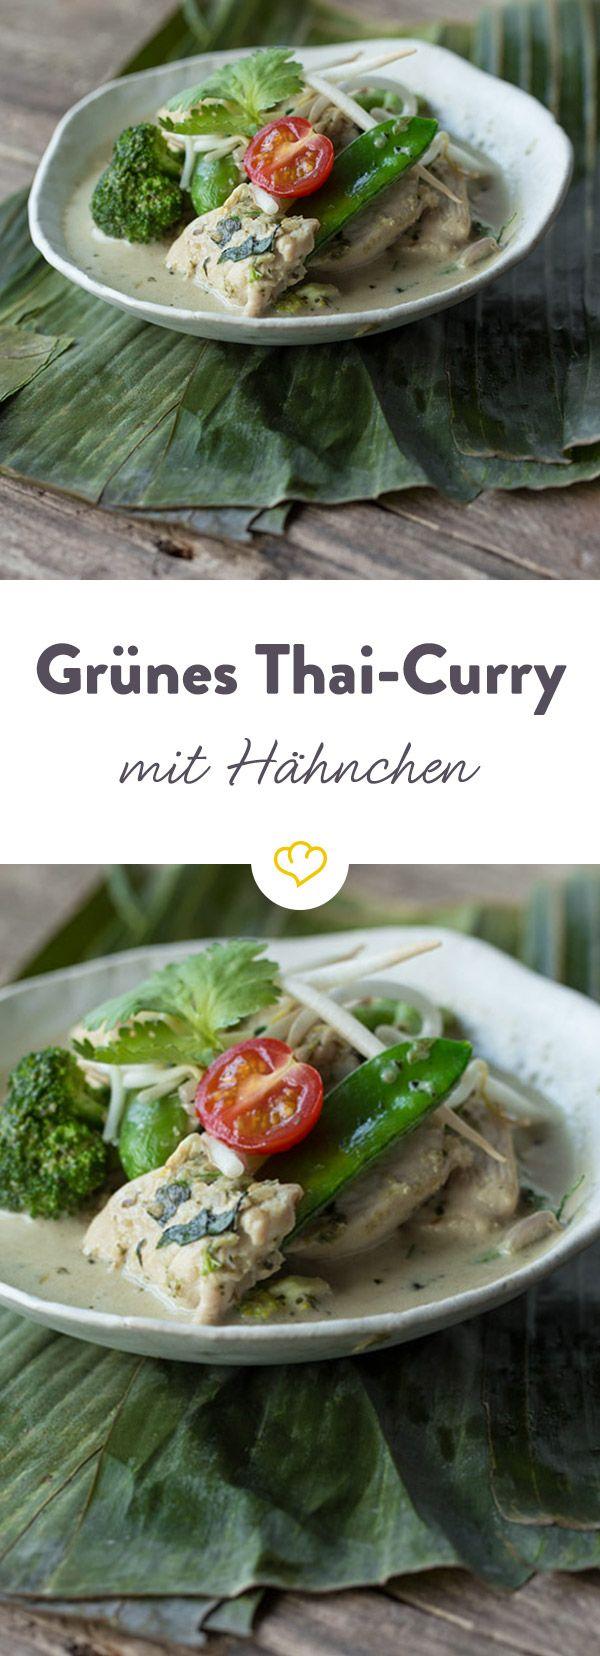 Fernweh auf der Zunge: Feuriges, grünes Thai Curry in neuem Gewand: Mit Brokkoli, knackigen Zuckerschoten und zartem Hähnchenbrustfilet